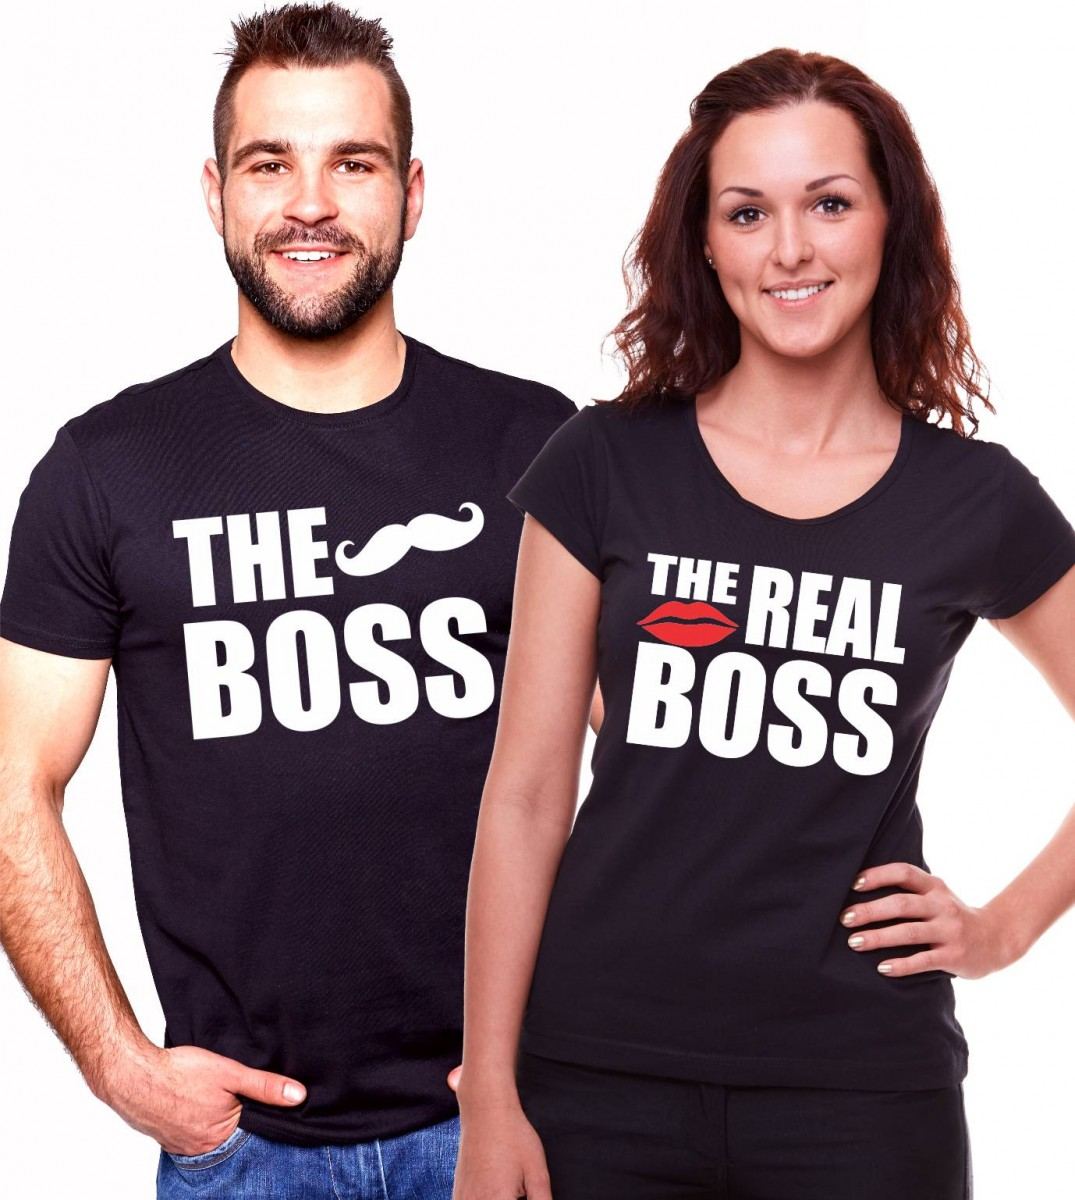 5e9deb8bac5f Partnerské trićká - The Boss The Real Boss valentínske tričká ǀ ...